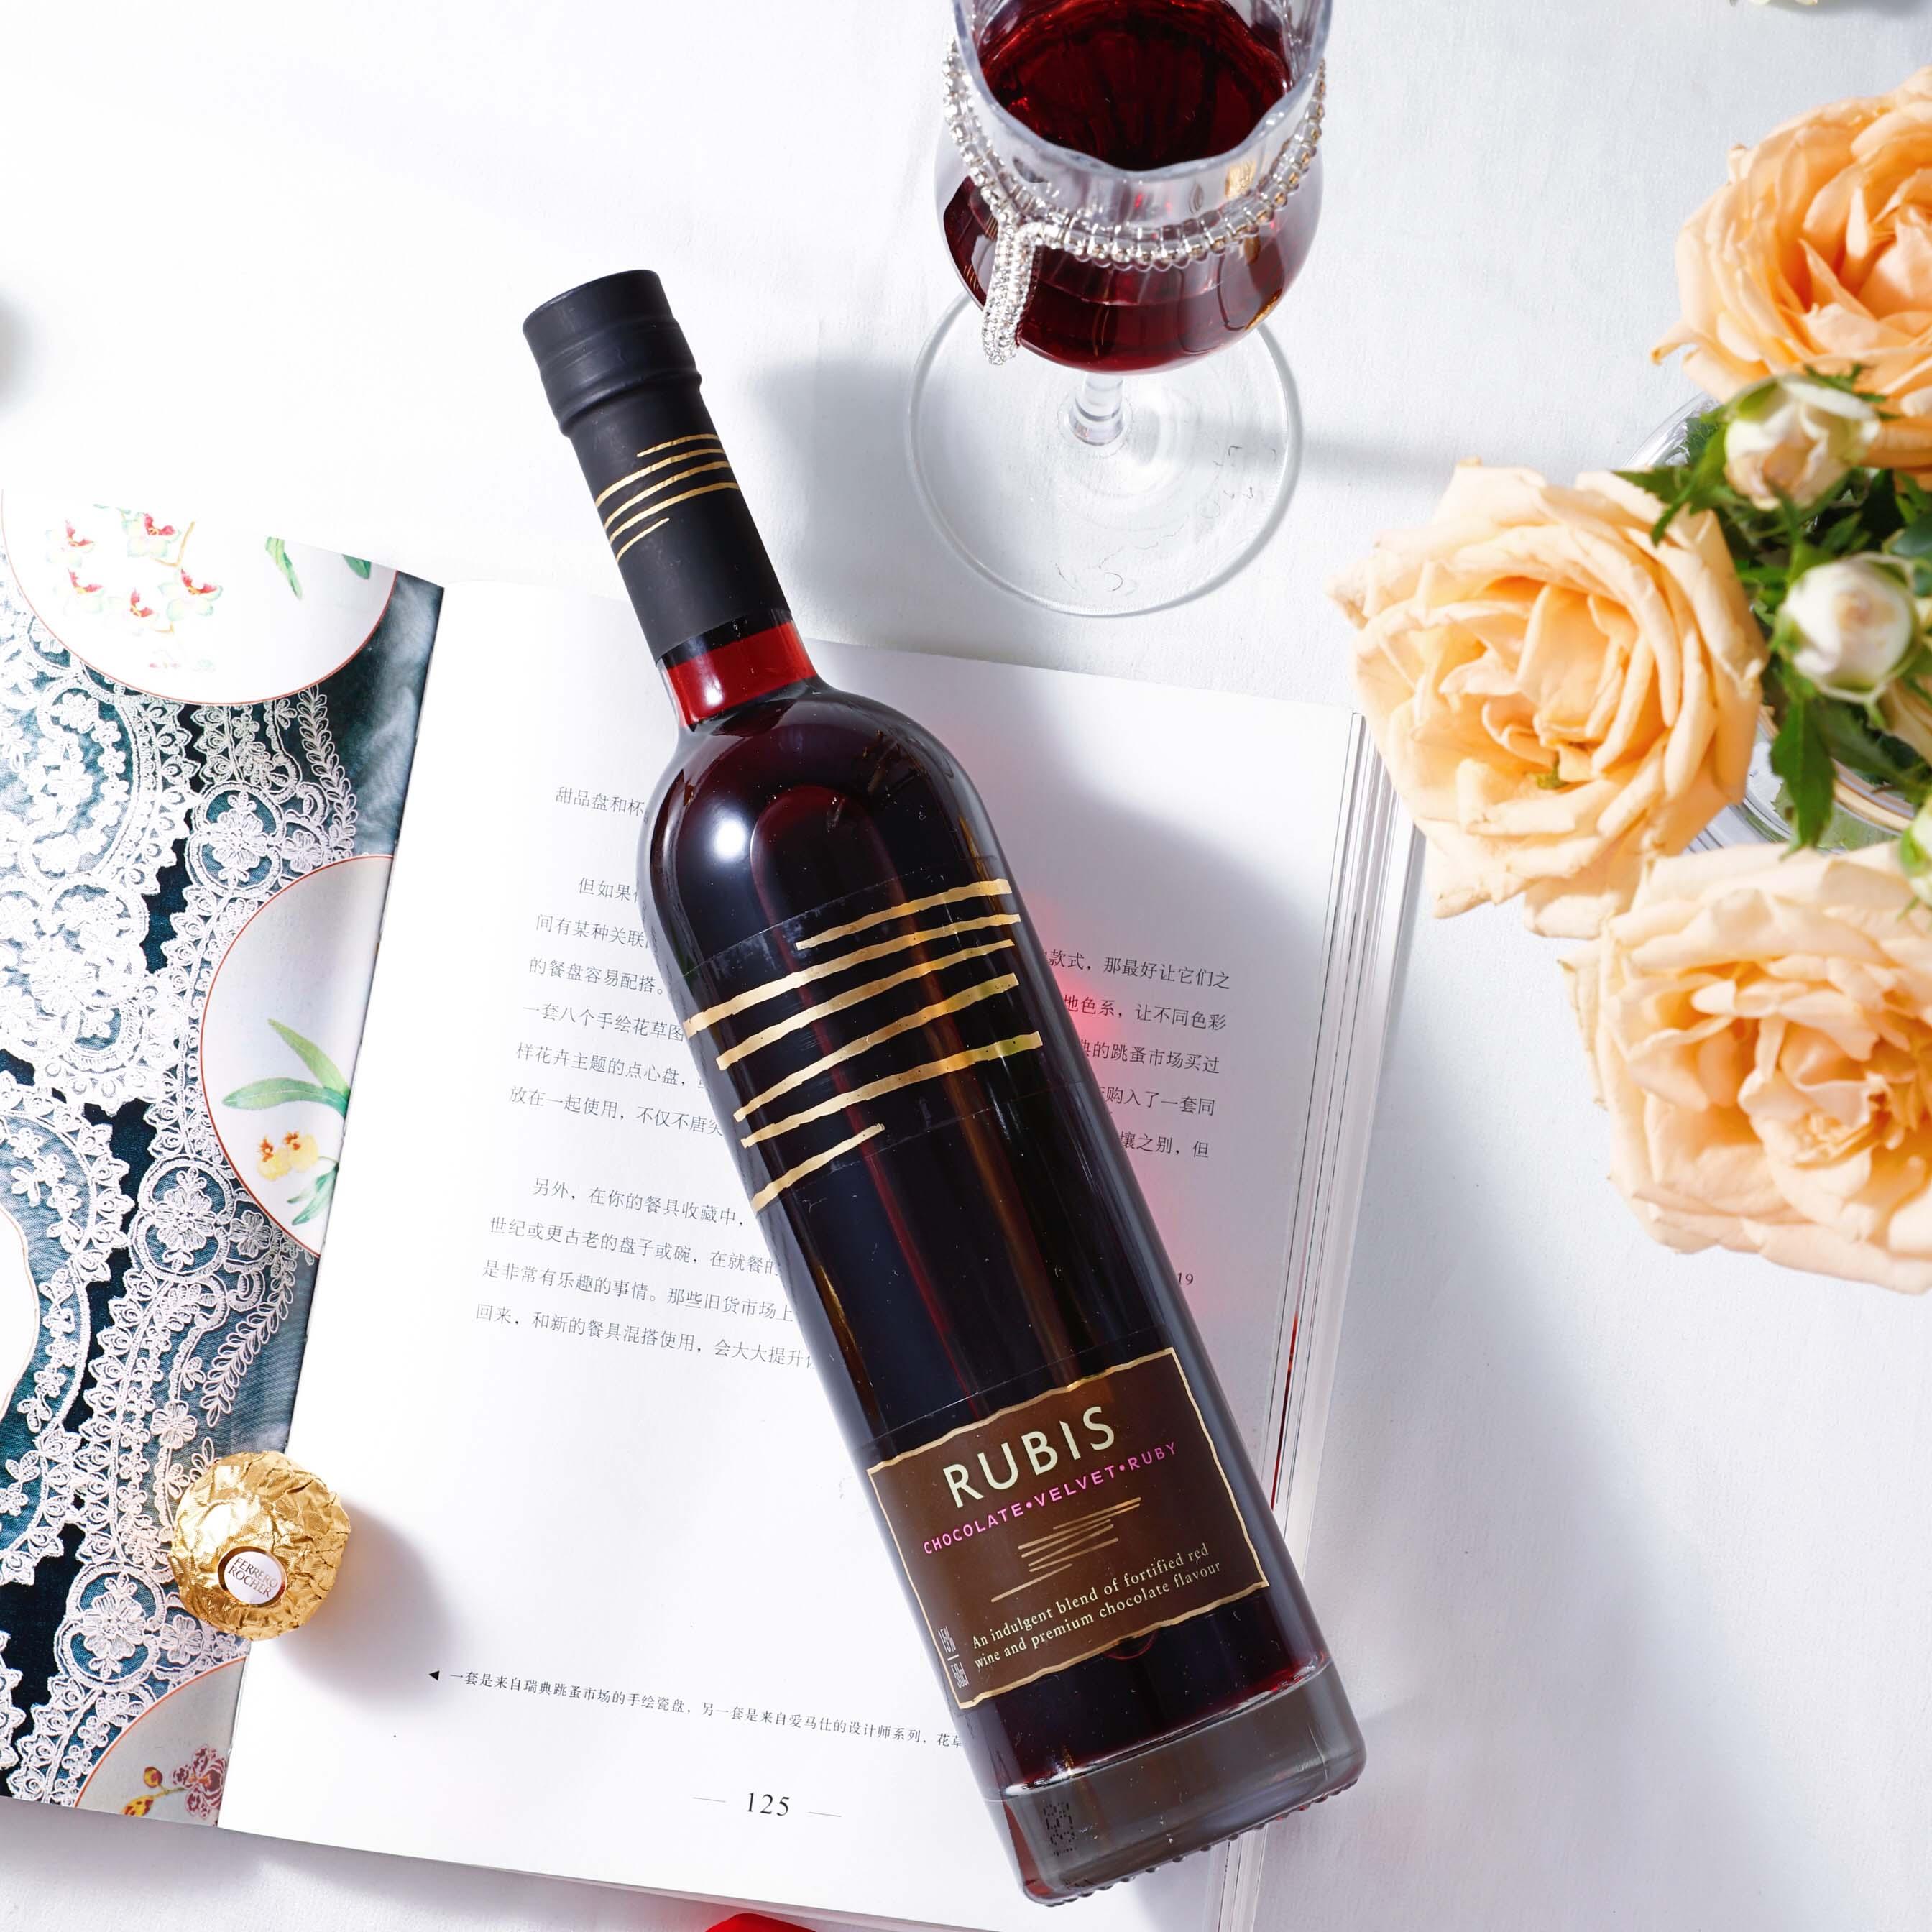 甜而不腻!英国巧克力味红酒Rubis高度晚安酒女士甜酒 葡萄窖主